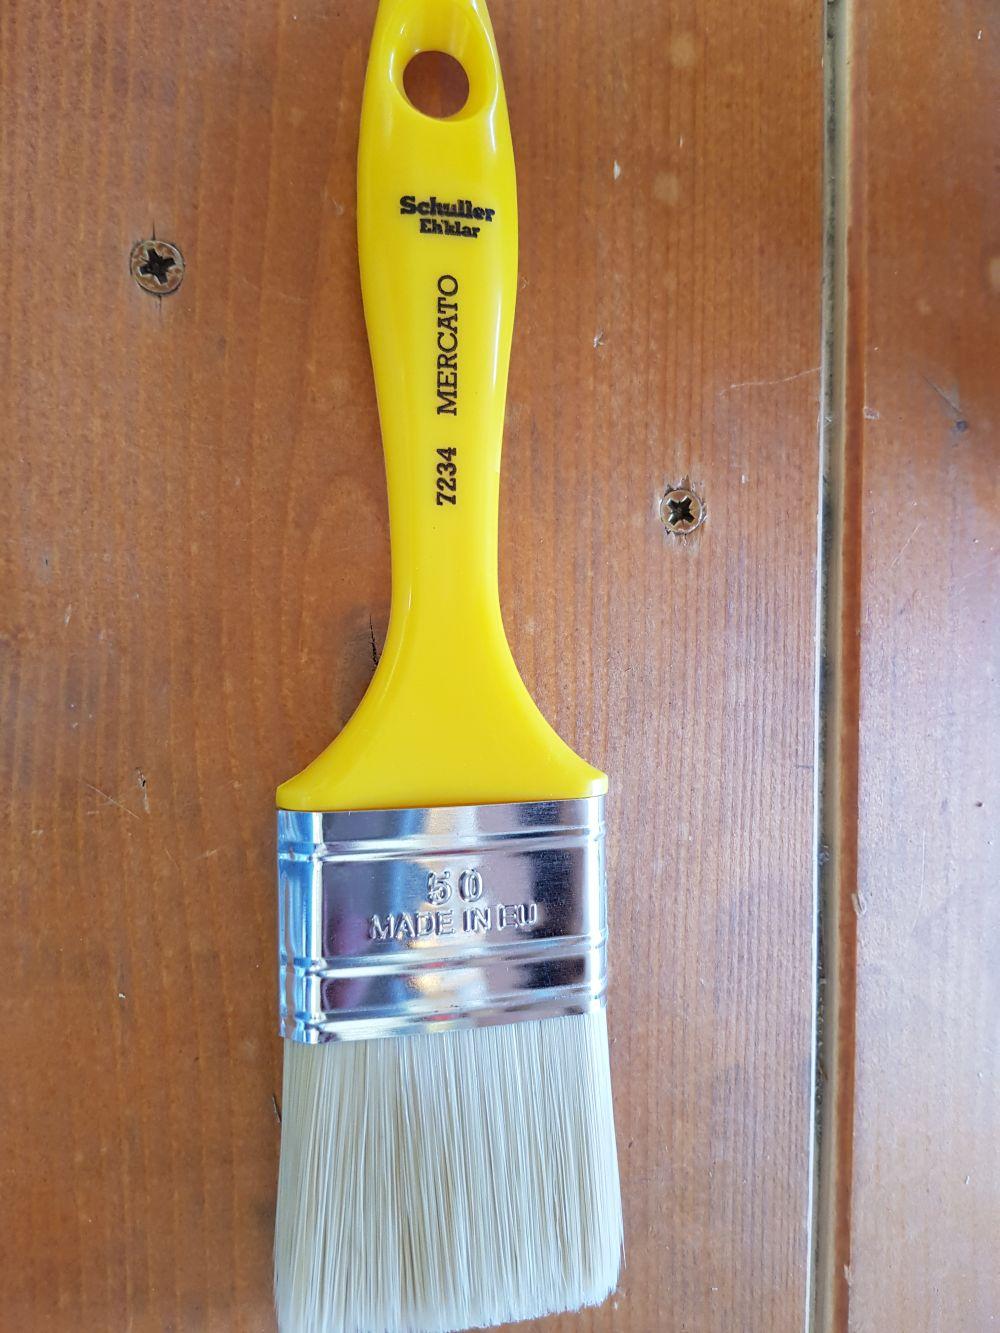 Ecset müanyag sárga 60mm sch BAUplaza Kft.